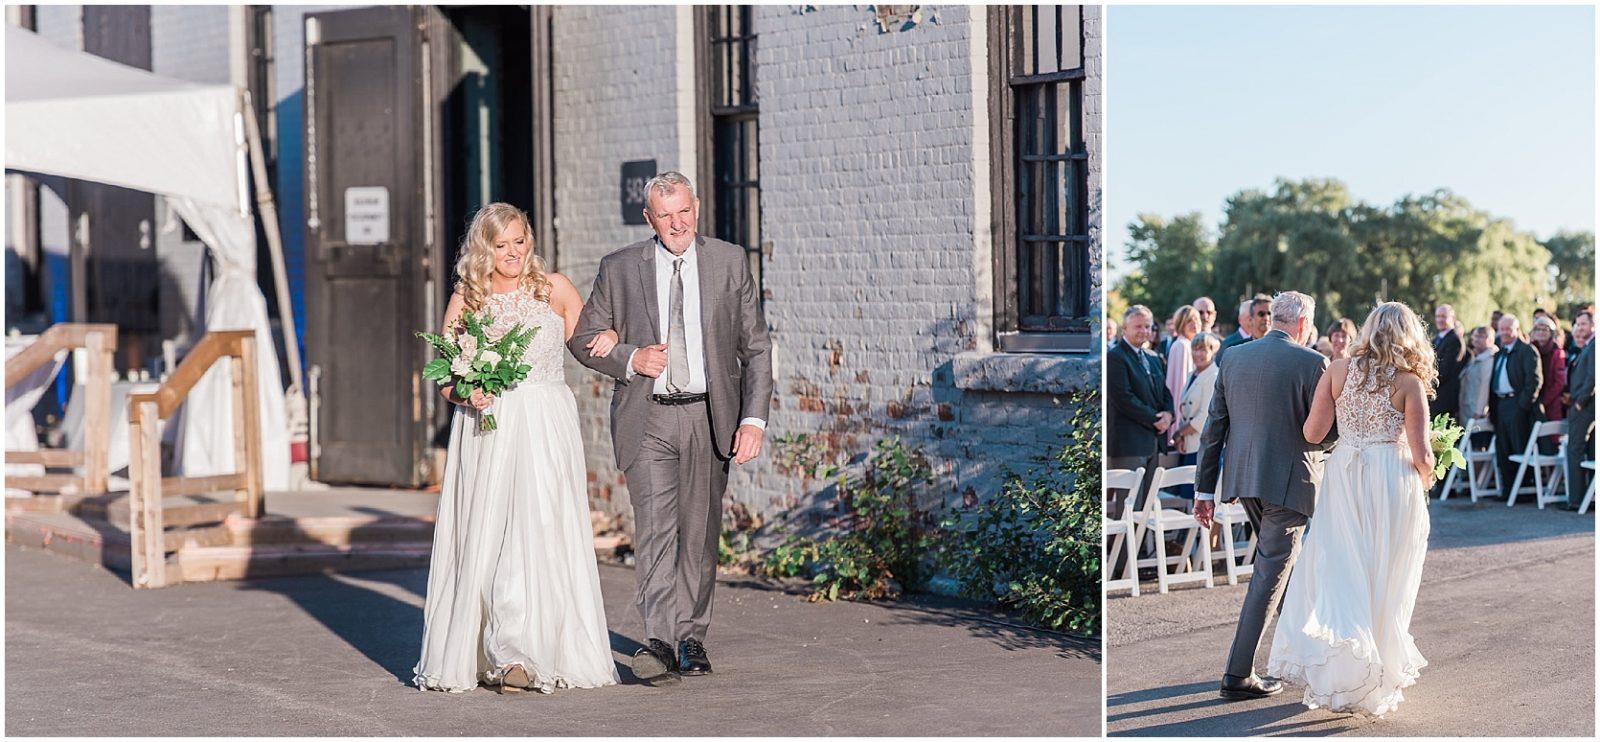 0135 SS-Late Summer Wedding at Zibi - Ottawa_PhotosbyEmmaH_WEB.jpg